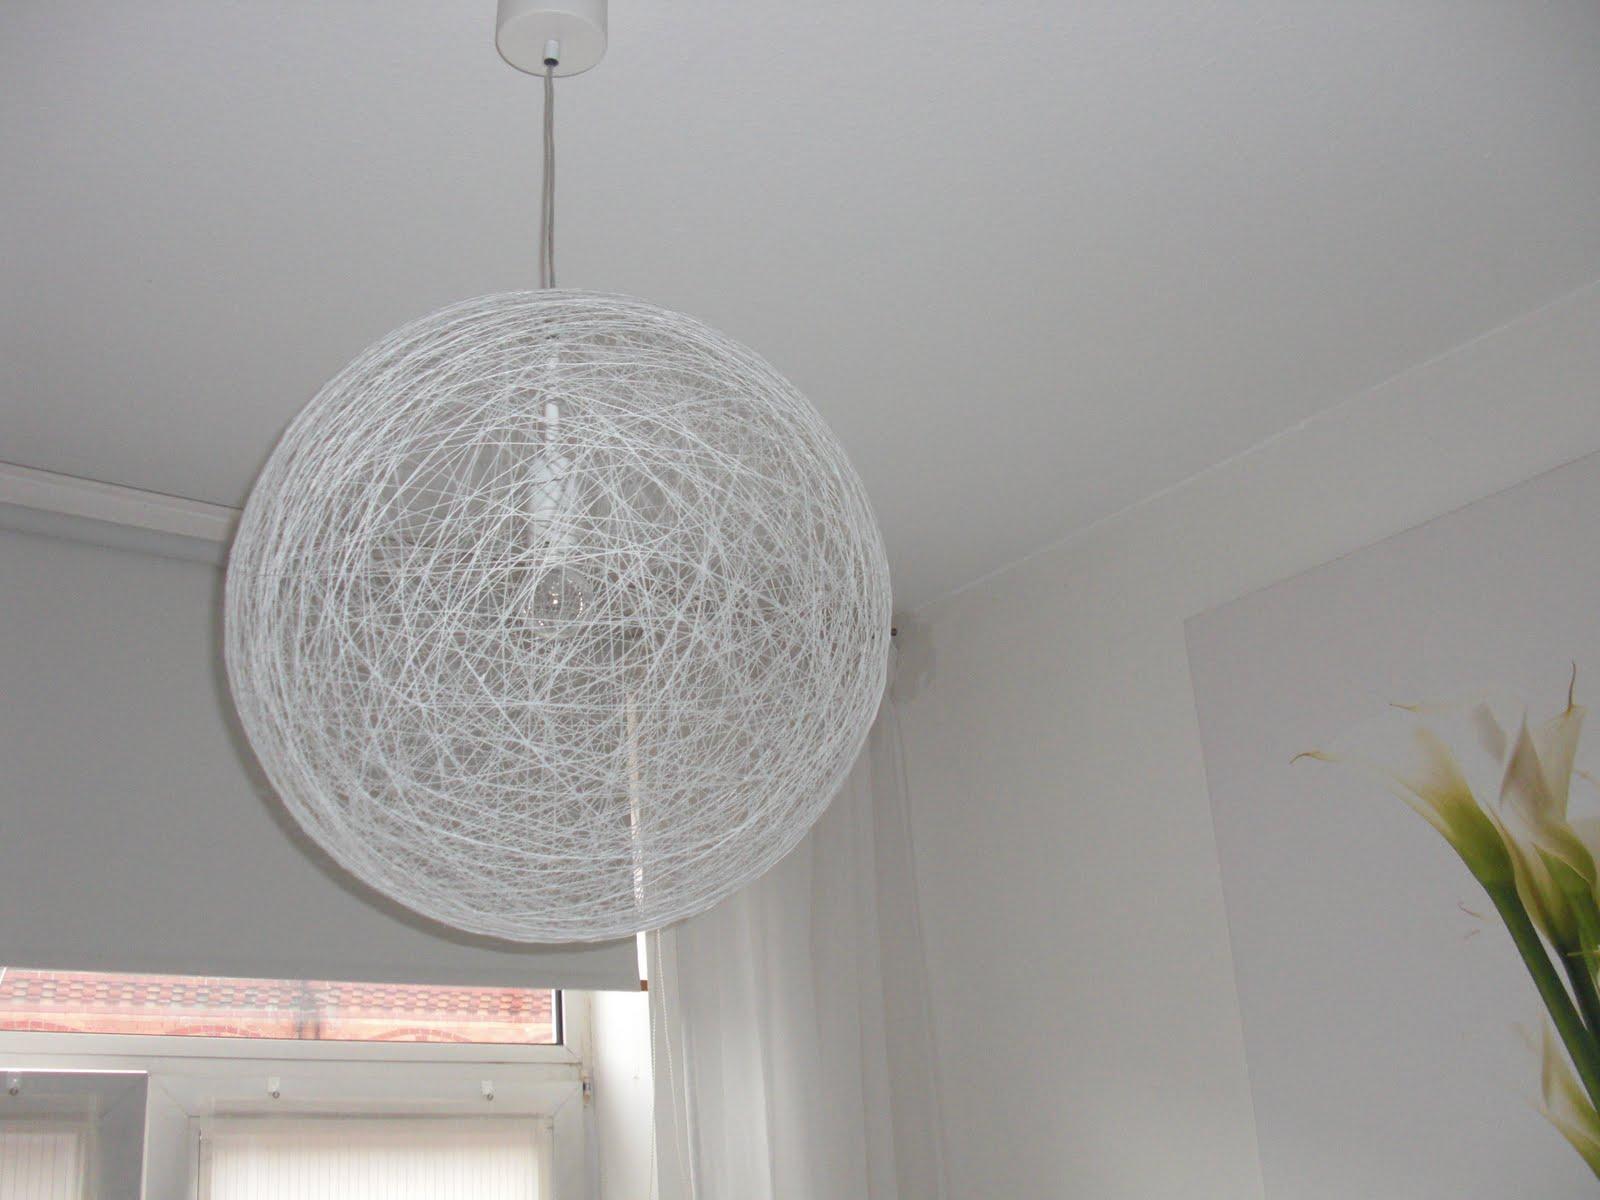 ikea lampe schlafzimmer  fantastisch lampe schlafzimmer